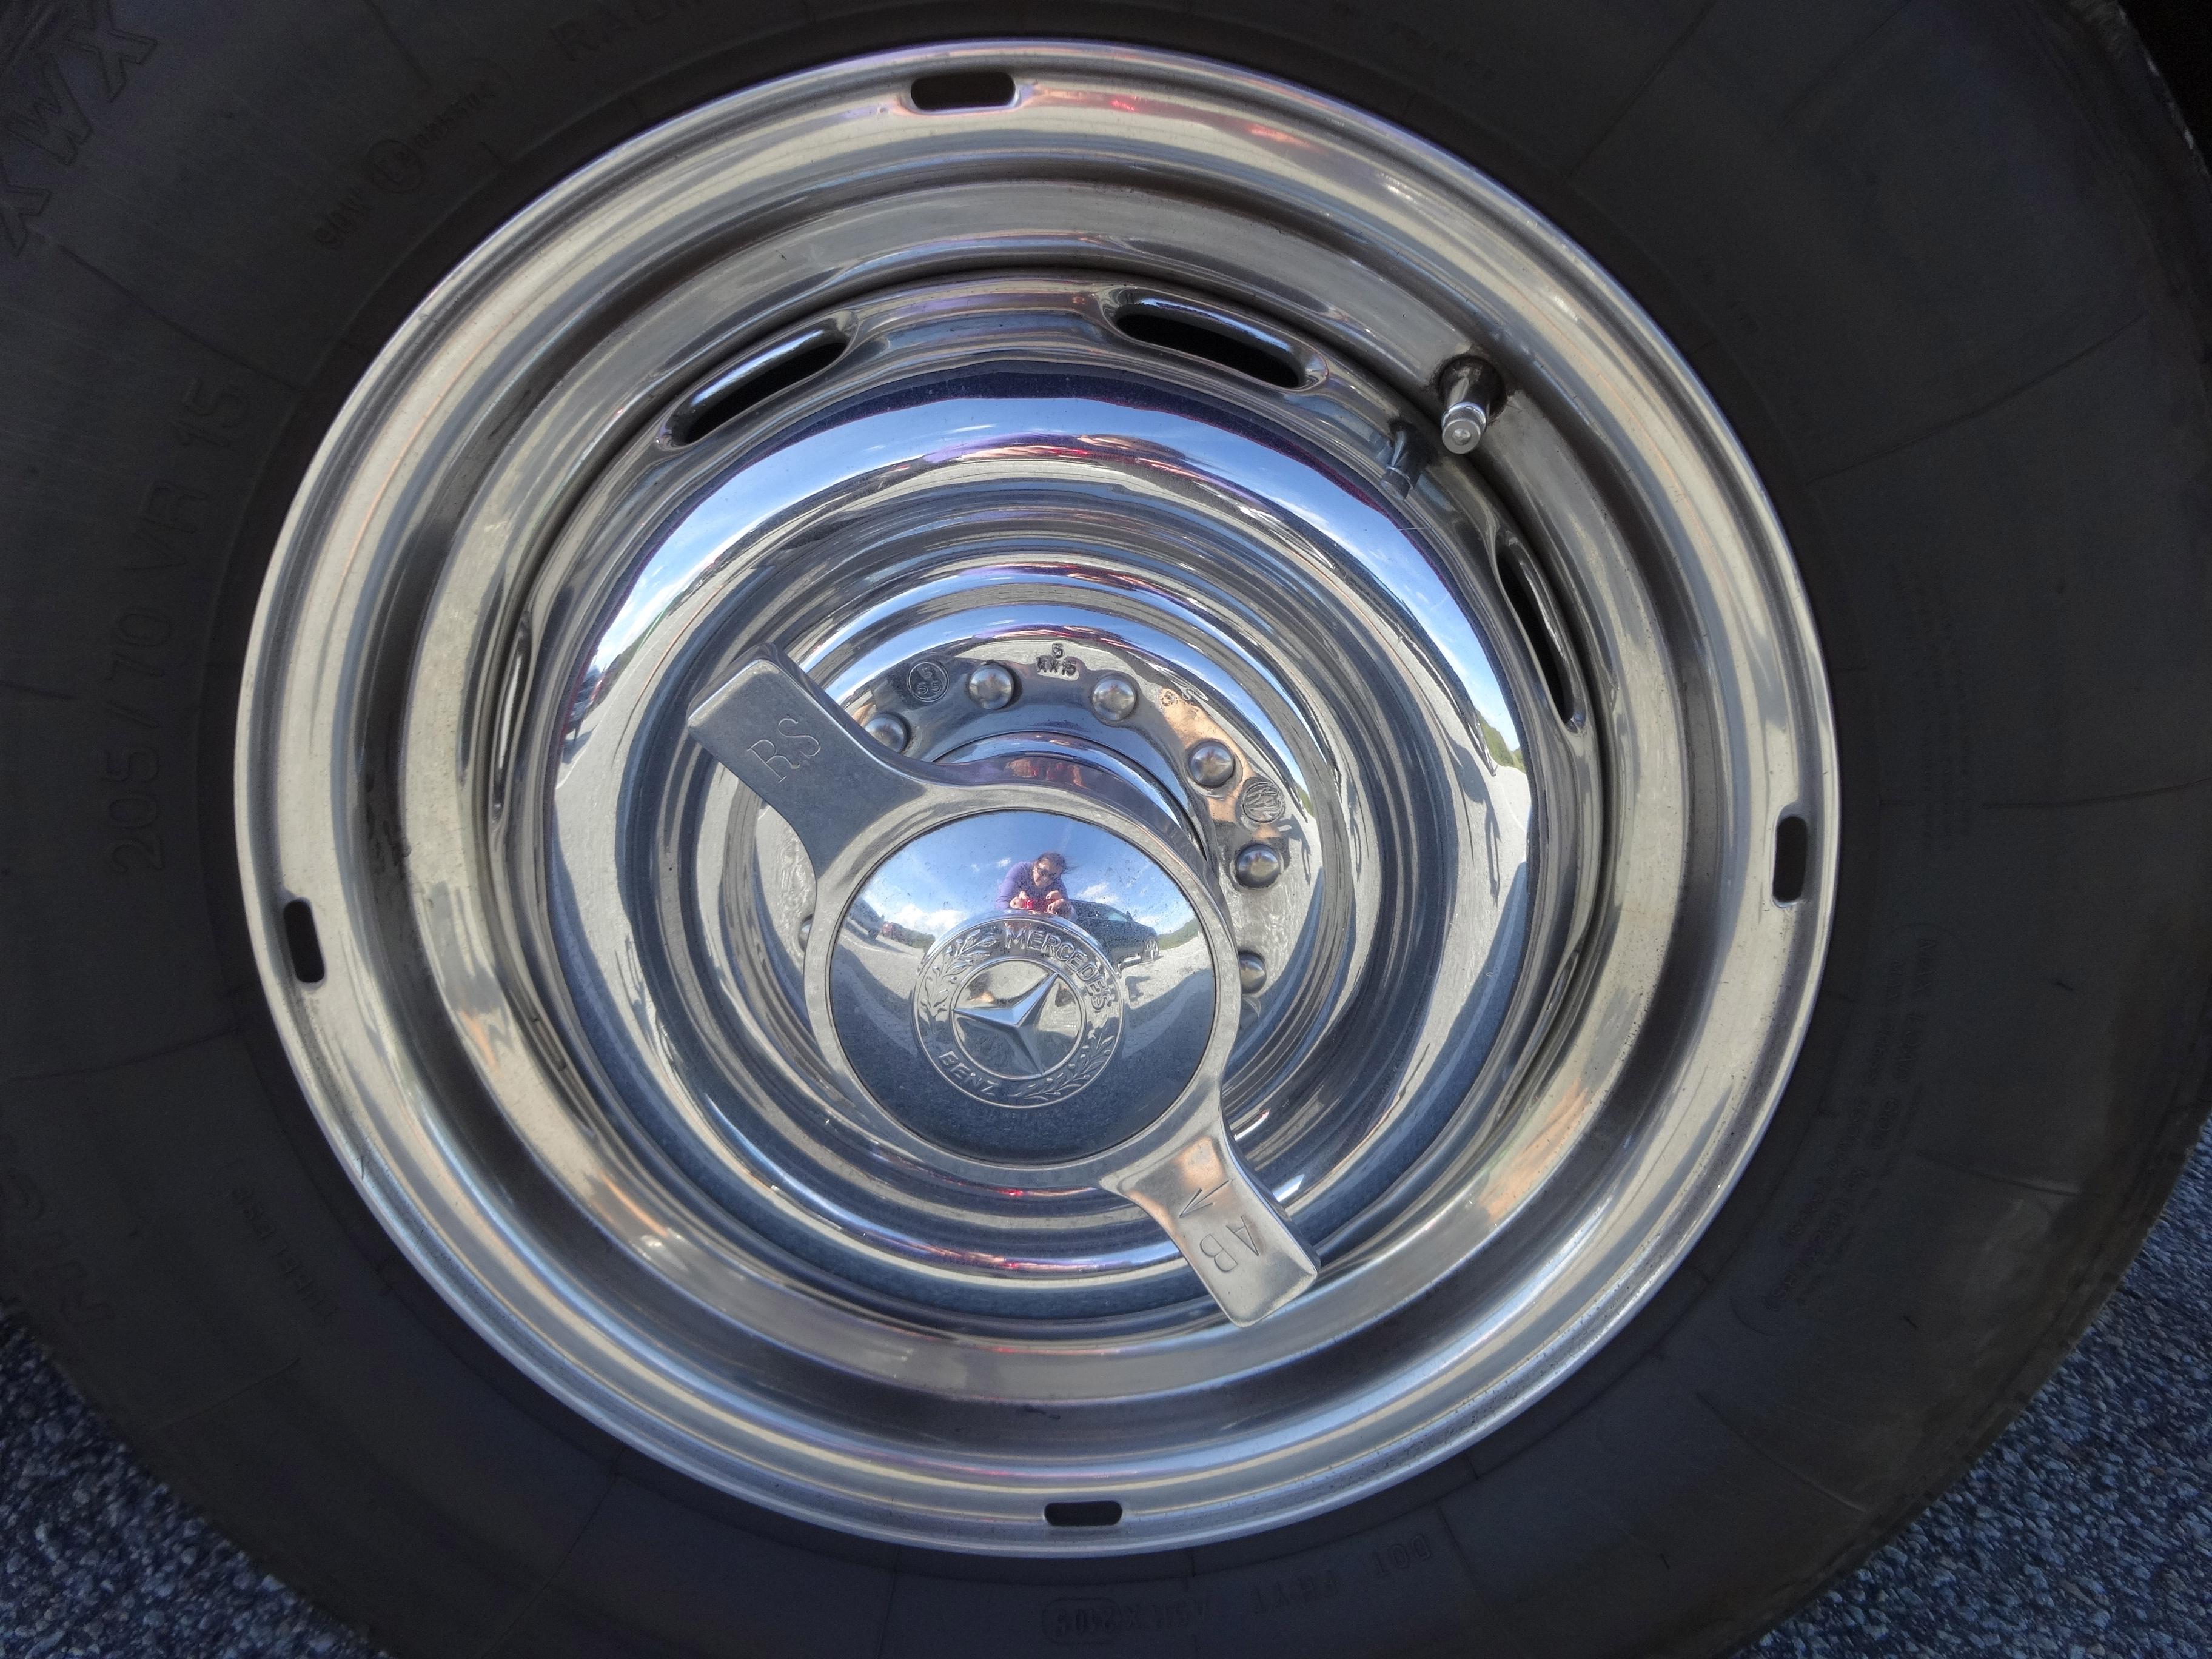 Rudge wheel Mercedes-Benz 300 SL - Flügelschraube